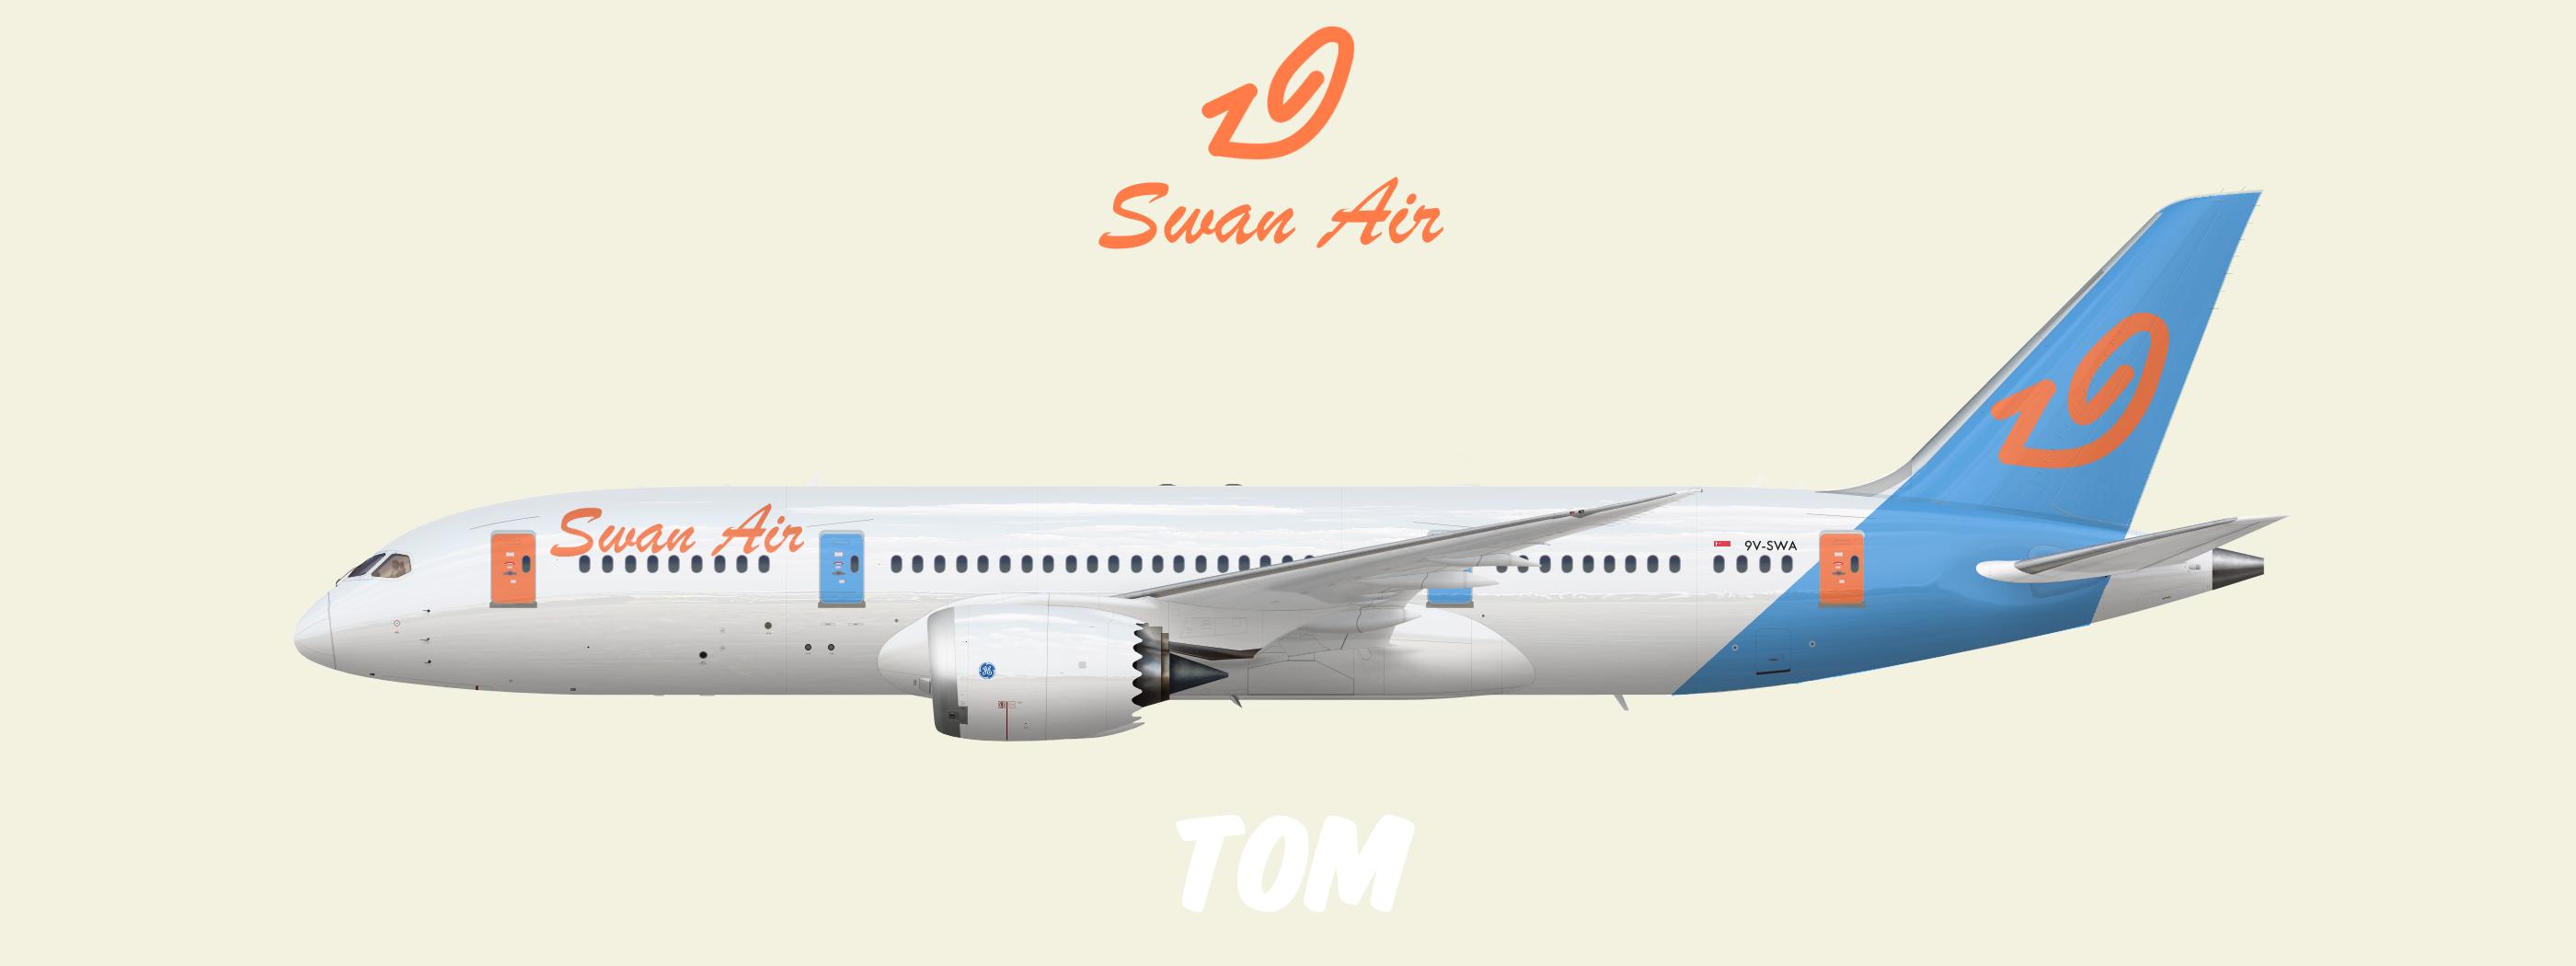 Swan_Air_Boeing_787_8_v2.png